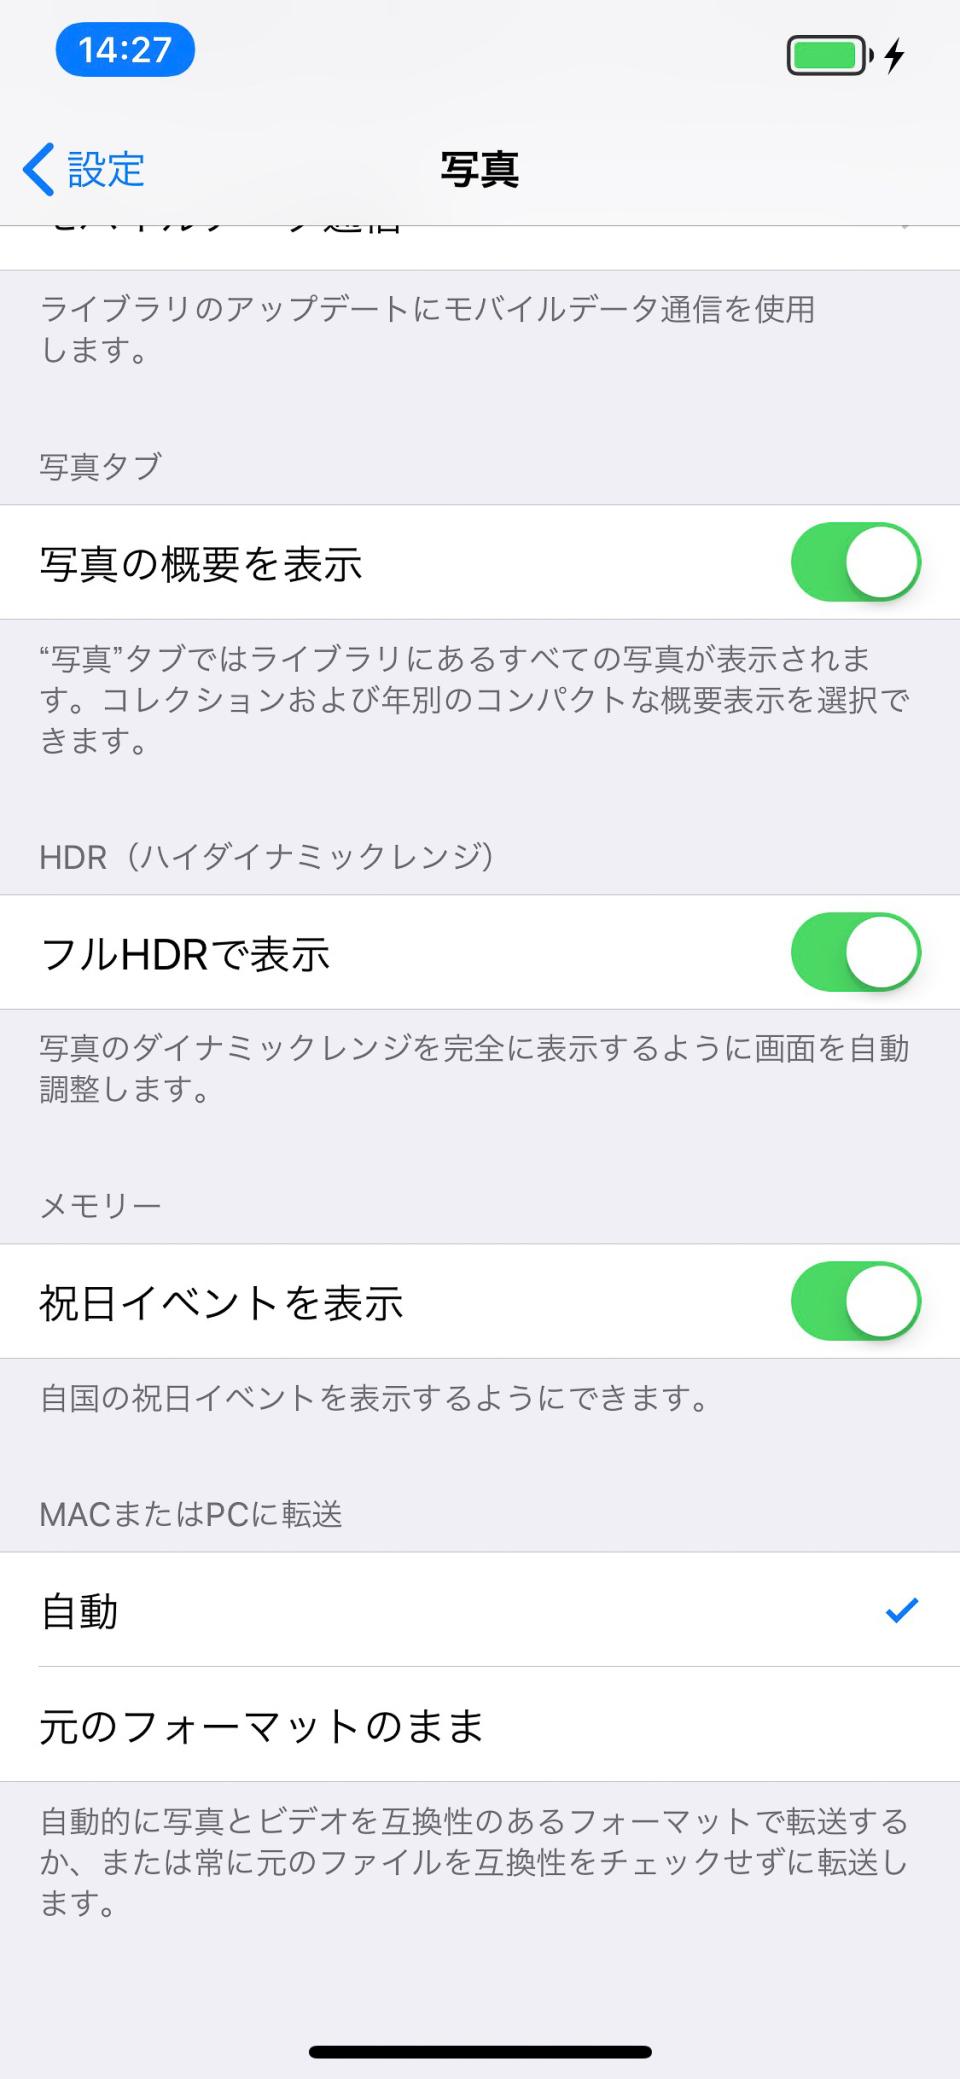 西田宗千佳のトレンドノート:iPhoneなどで採用されてる新画像フォーマット「HEIF」とは? 3番目の画像